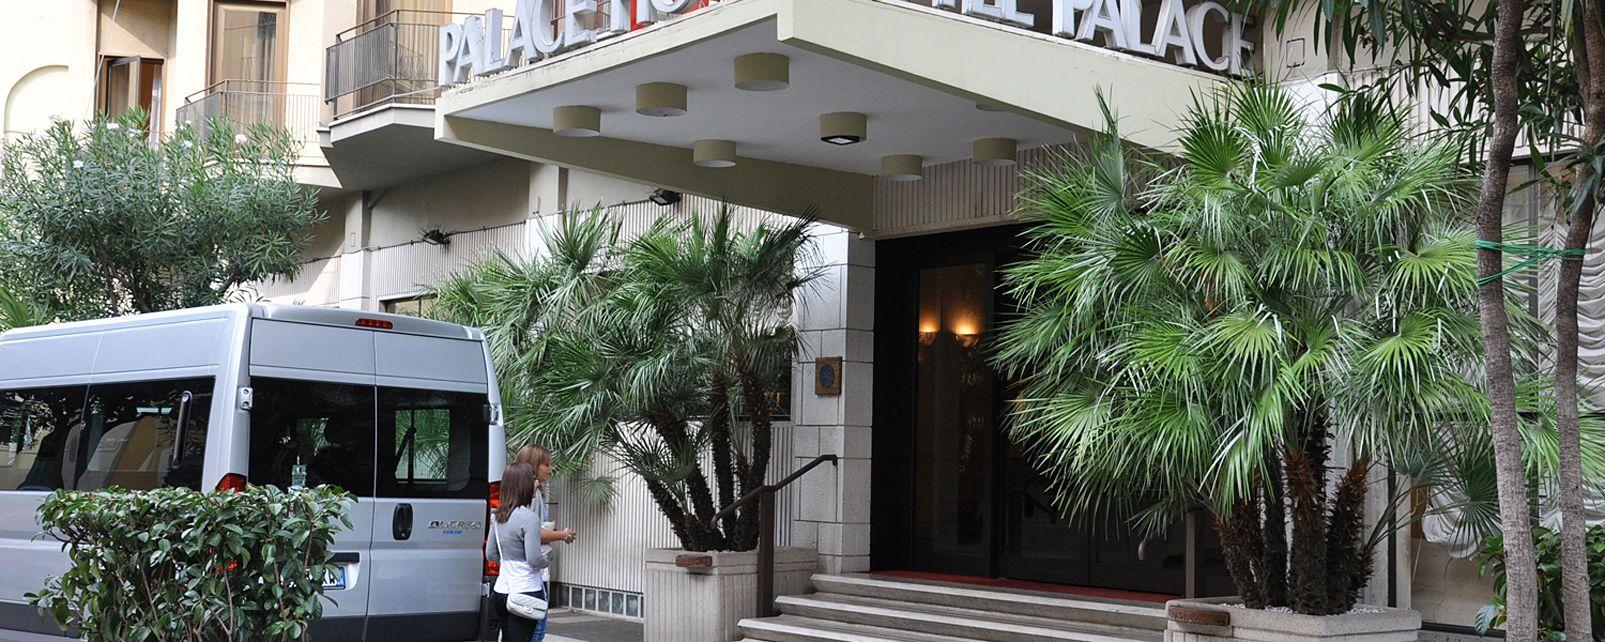 Hôtel Palace